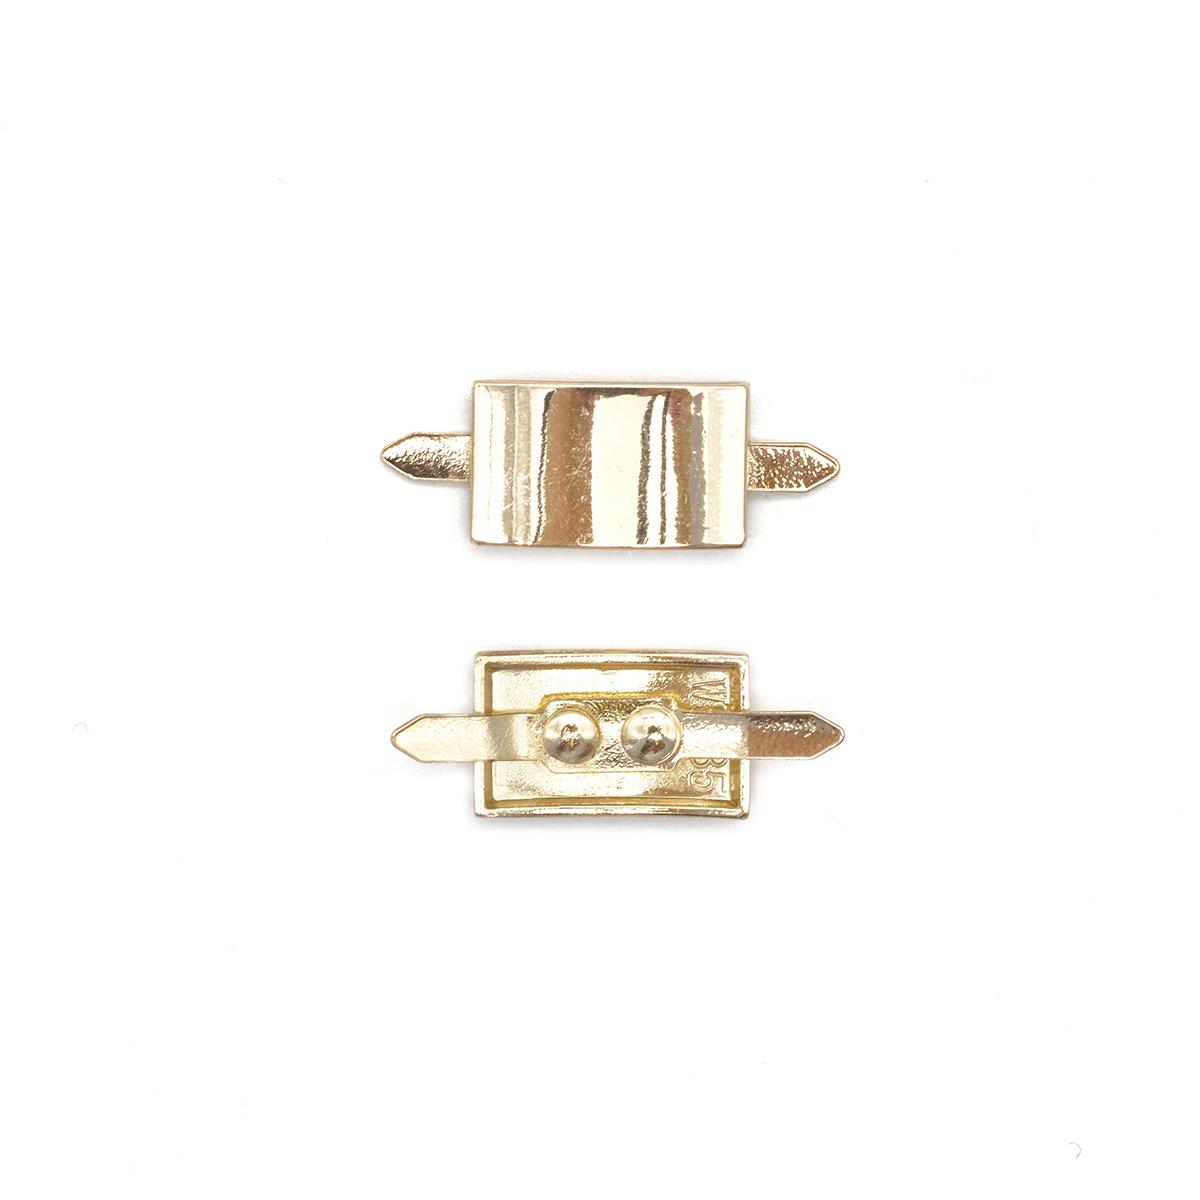 ГНУ13900У Украшение на шипах, золото, 9*15 мм